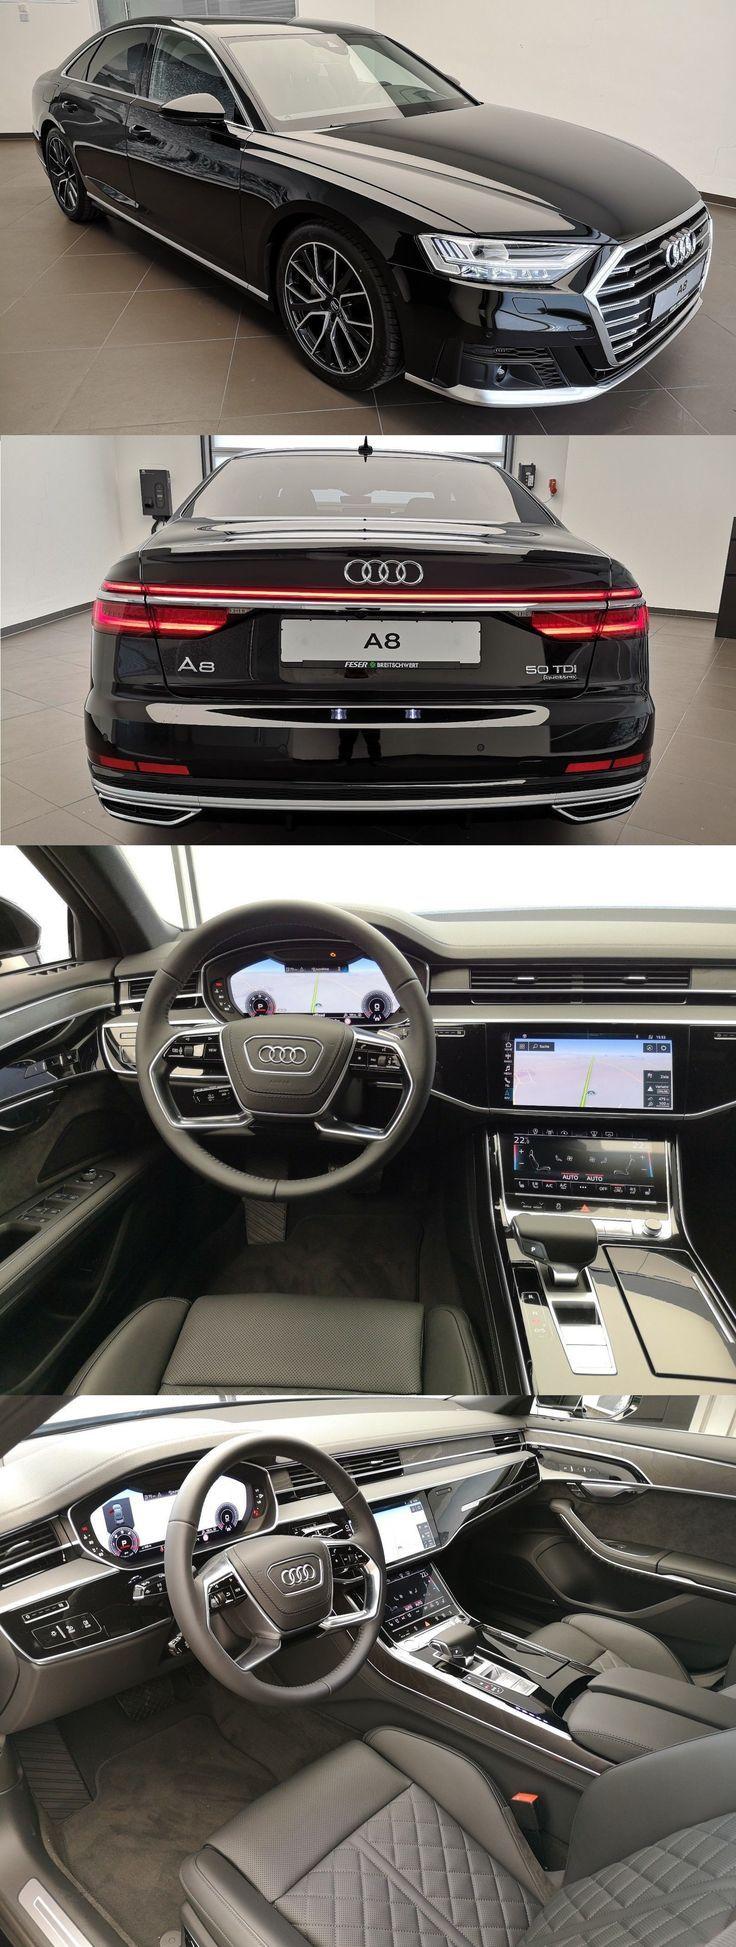 Audi A8 Uber luxury we'll know sedan . Quattro all wheel